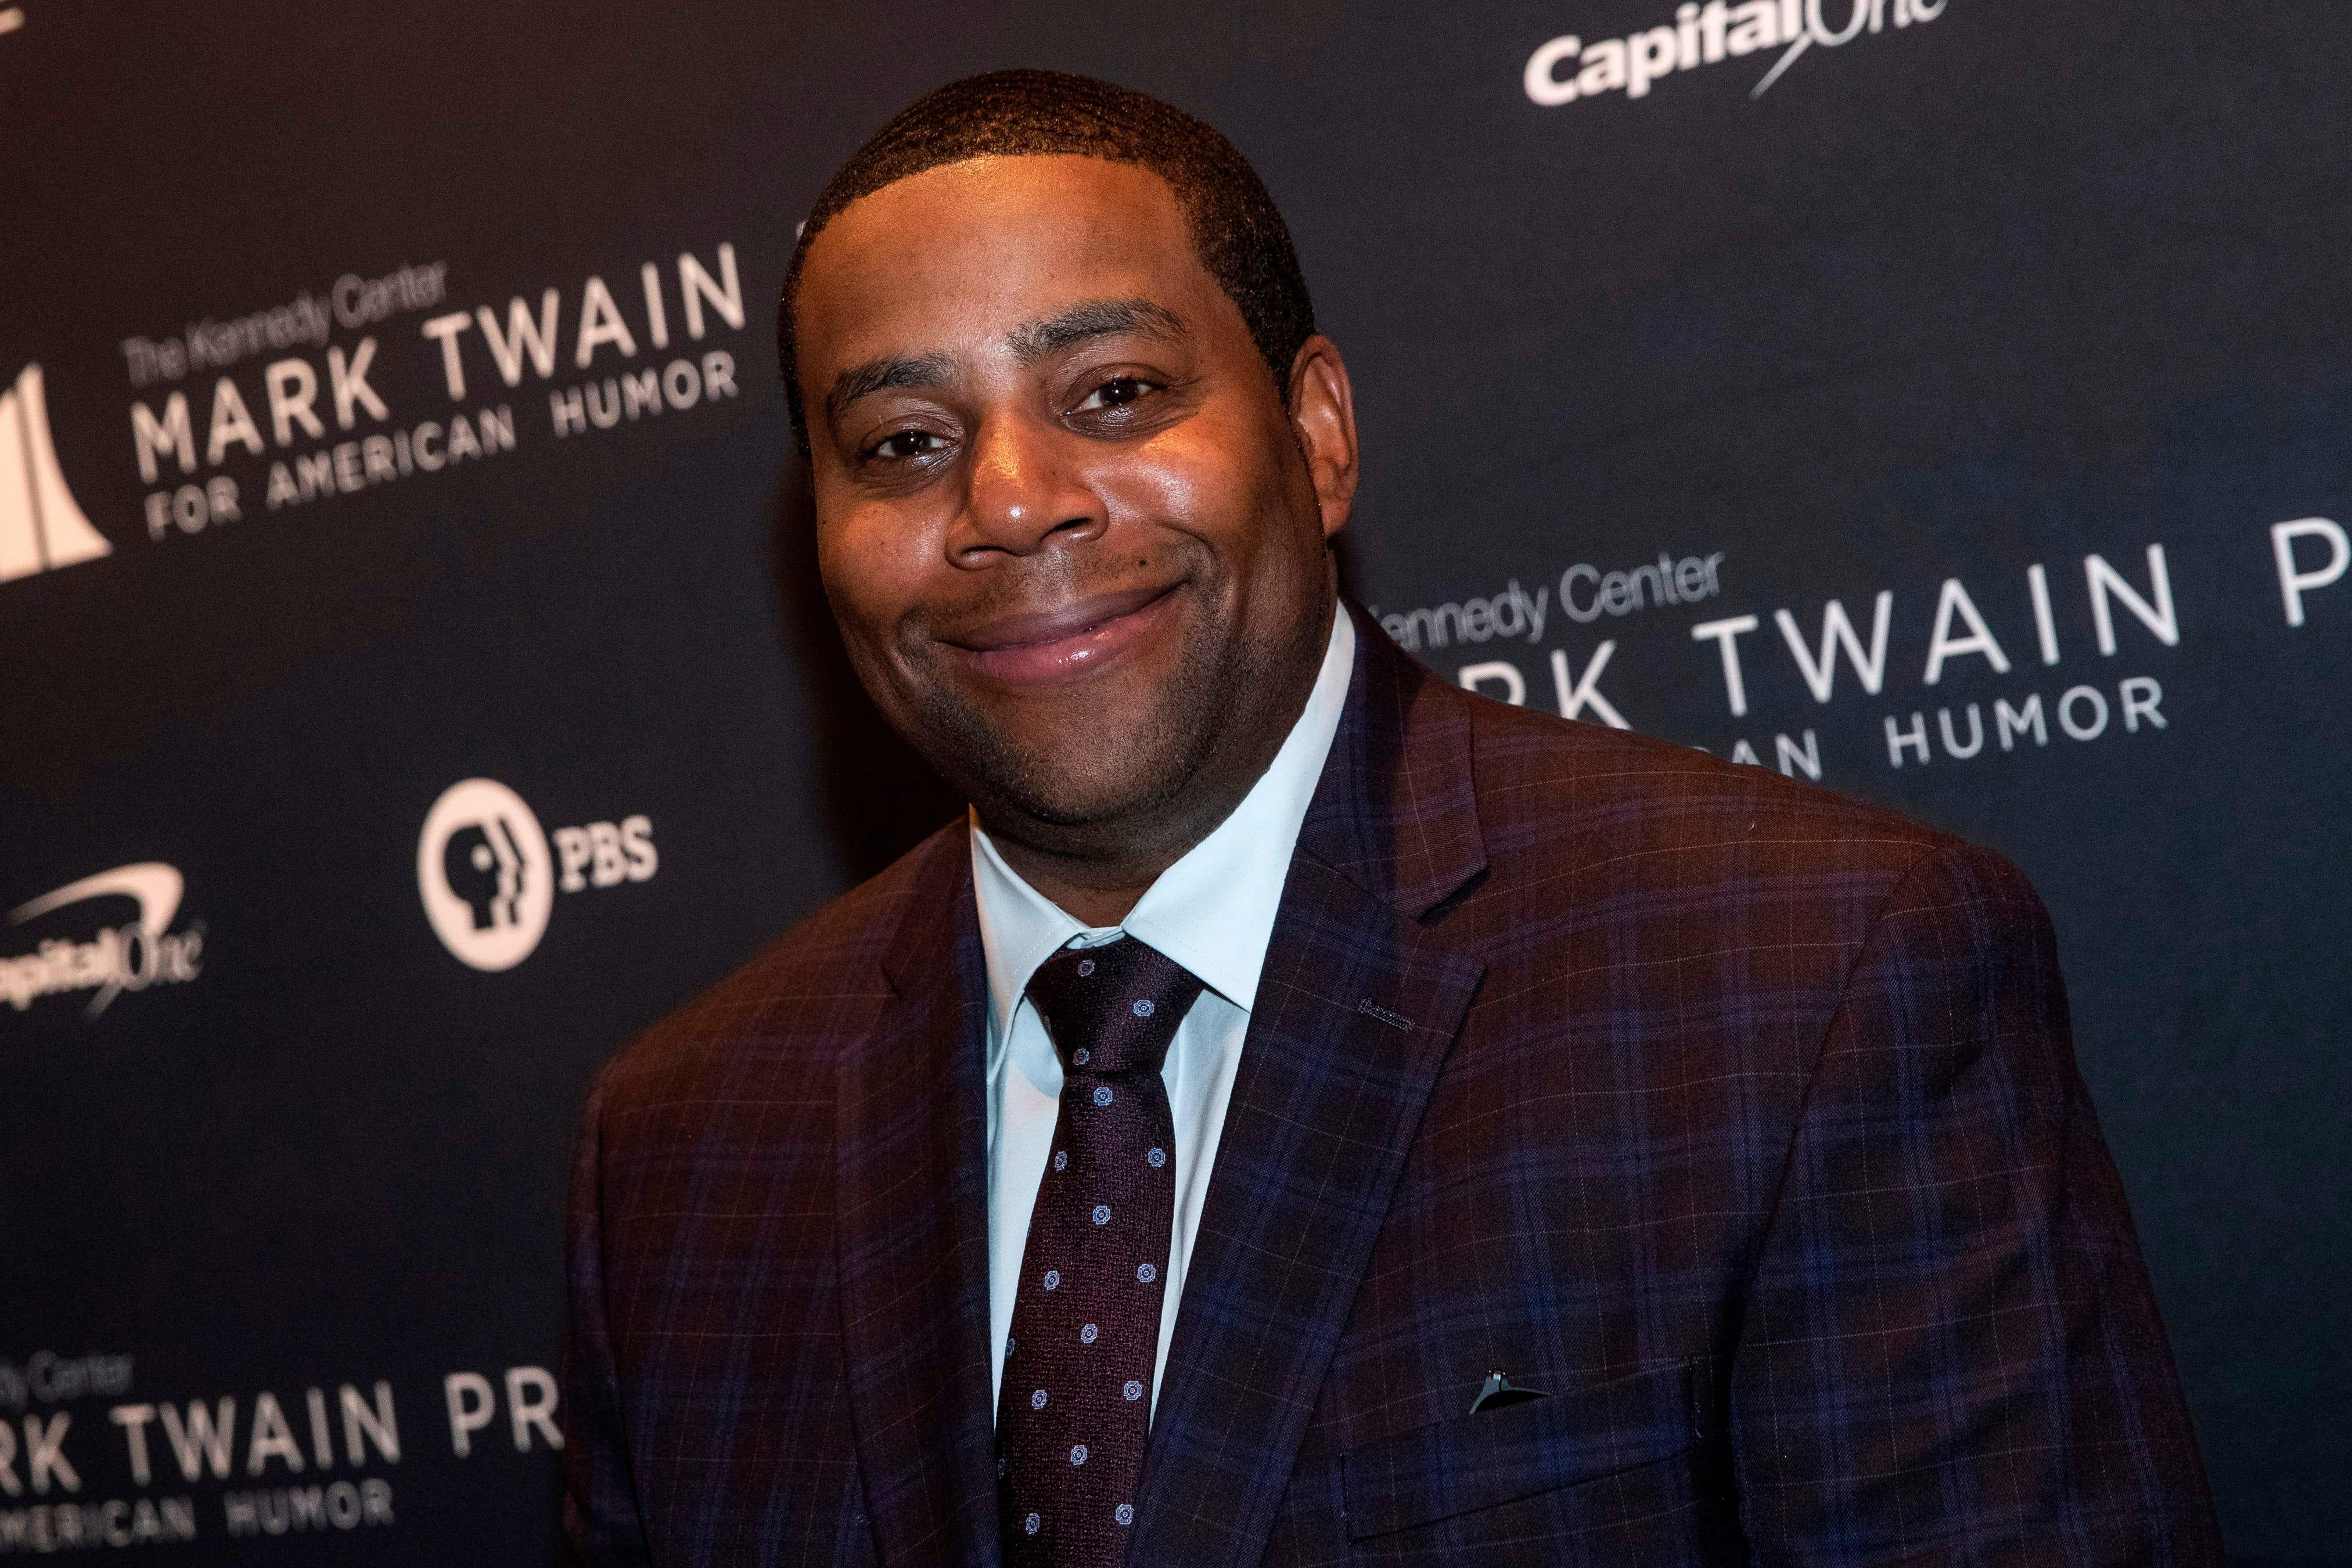 SNL s Kenan Thompson, Hasan Minhaj of  Patriot Act,  to headline White House Correspondents  Dinner